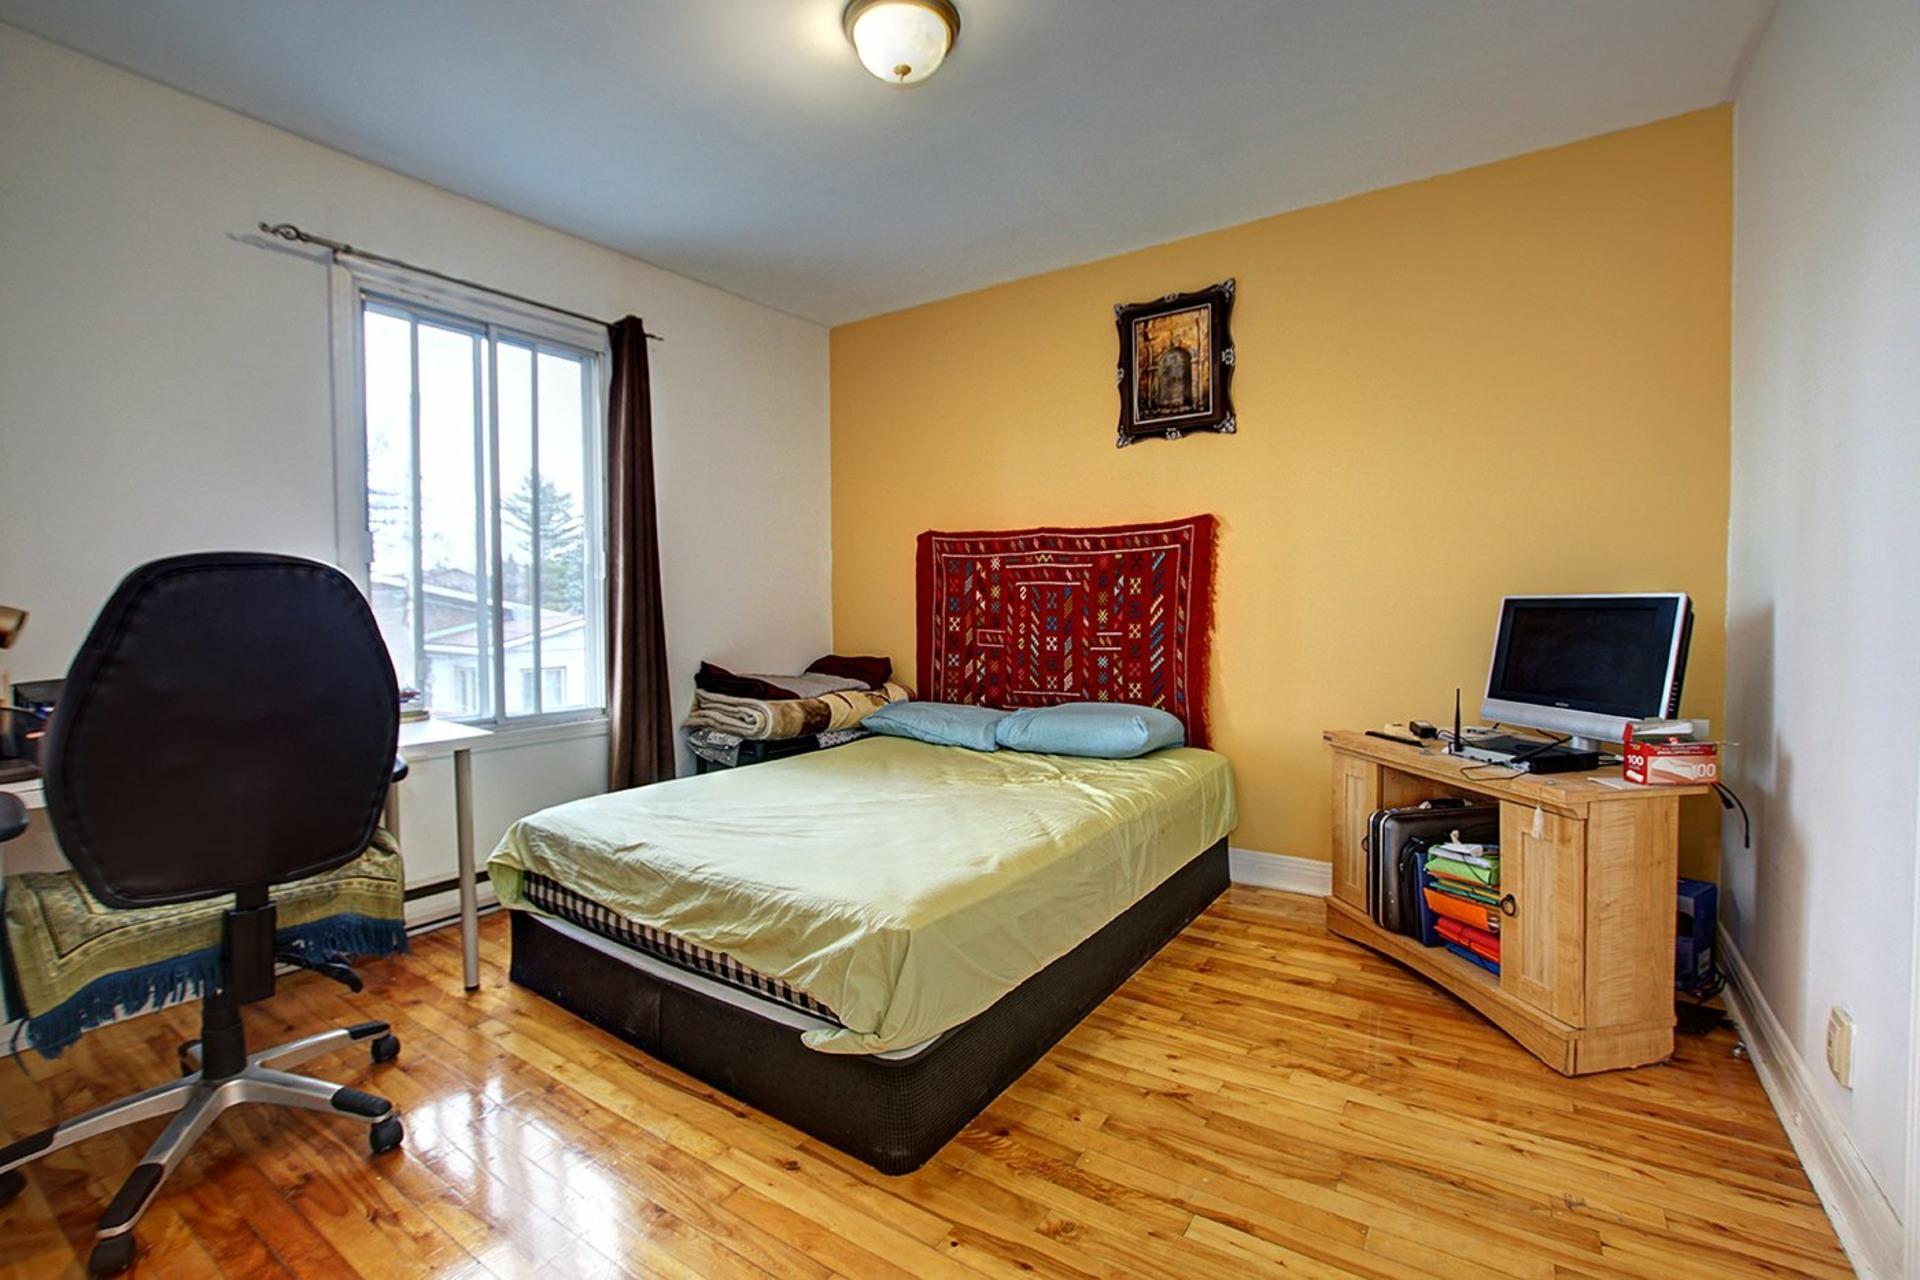 image 7 - Duplex For sale Rivière-des-Prairies/Pointe-aux-Trembles Montréal  - 4 rooms